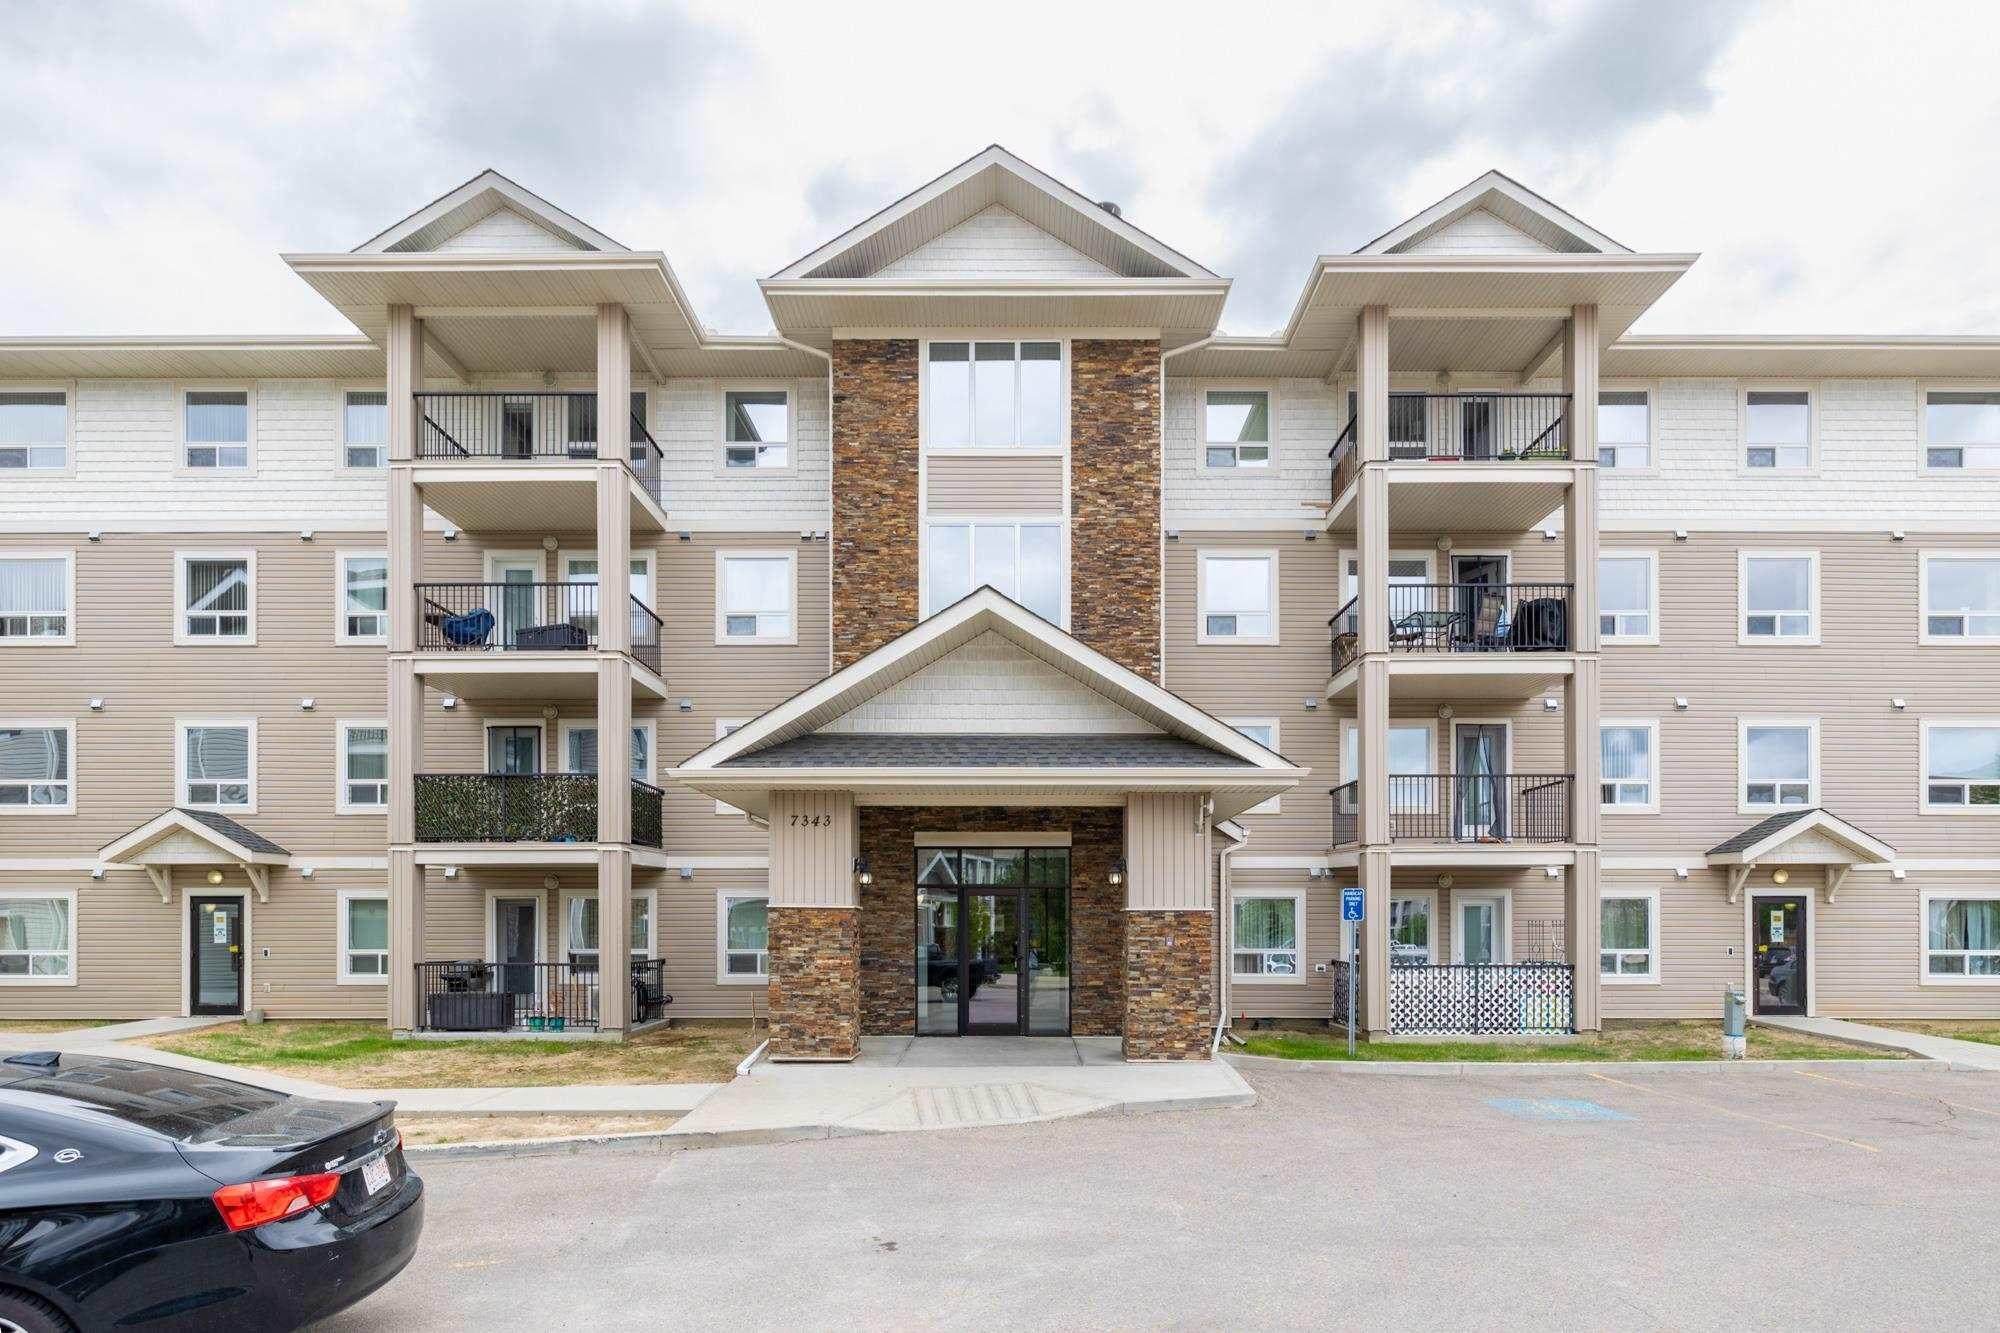 Main Photo: 2408 7343 SOUTH TERWILLEGAR Drive in Edmonton: Zone 14 Condo for sale : MLS®# E4247451